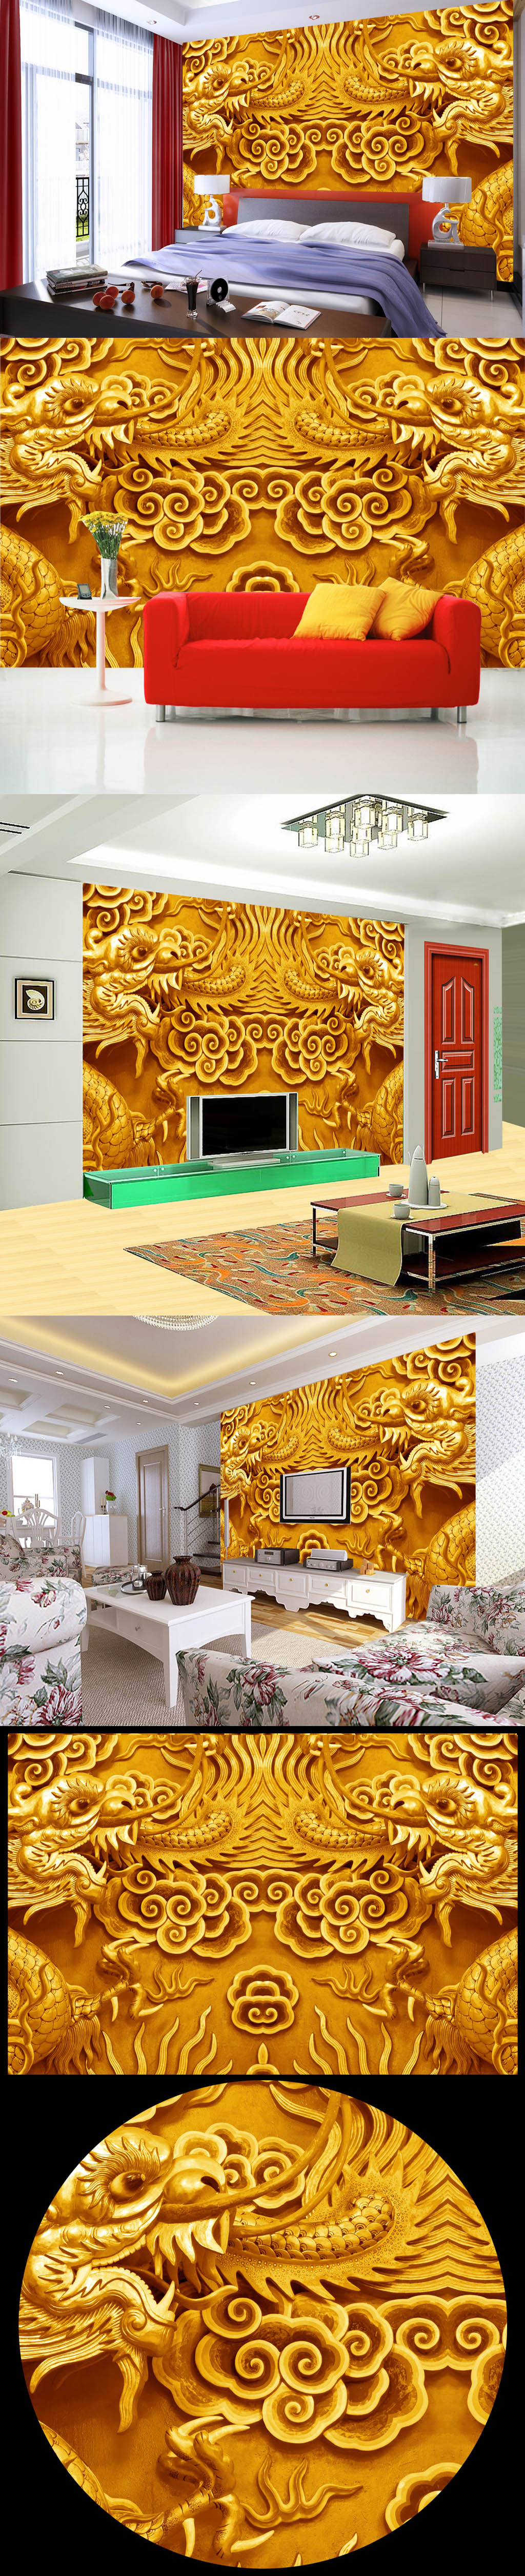 3d木雕双龙图背景墙图片